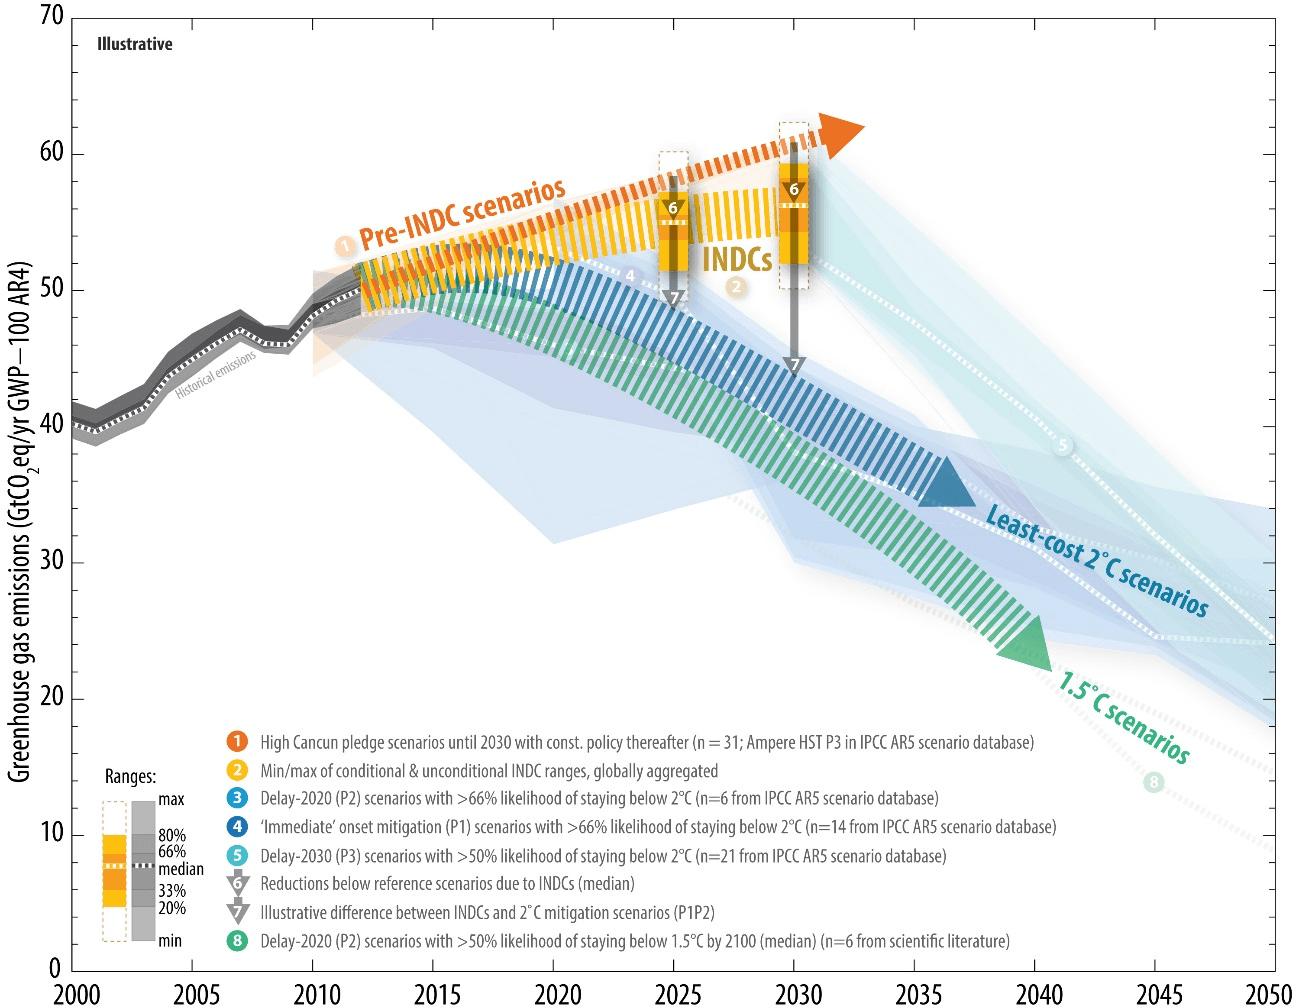 図4 各国が提出済みの温暖化対策目標を実施した場合の2025年及び2030年の世界全体の温室効果ガスの排出レベルと他のシナリオとの比較